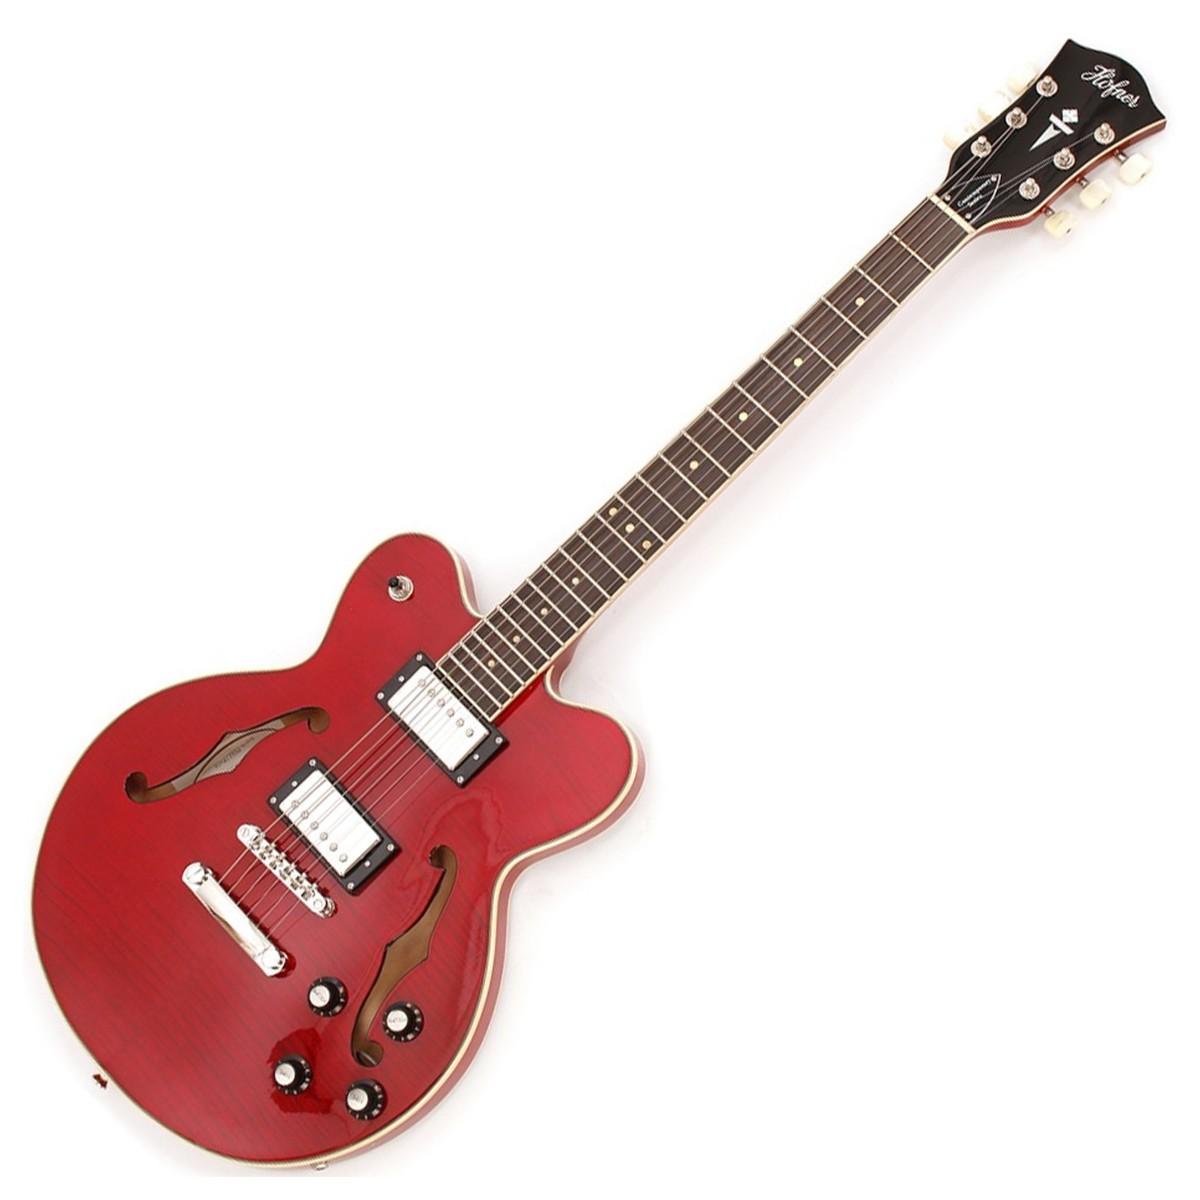 Hofner Electric Guitar : hofner verythin deluxe electric guitar transparent red at gear4music ~ Hamham.info Haus und Dekorationen